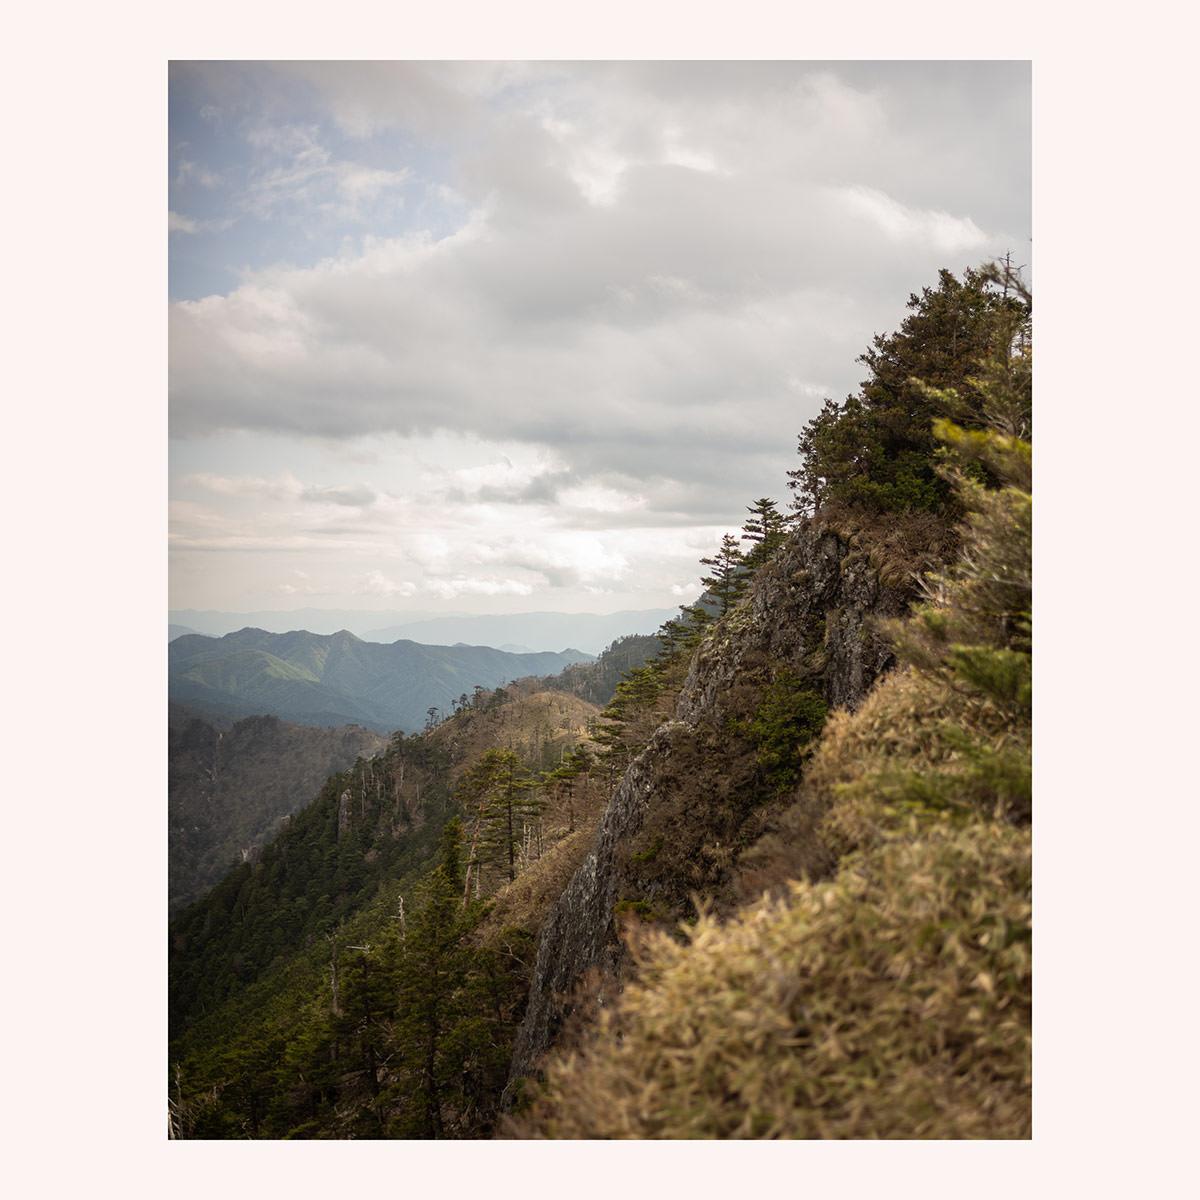 Nara ridgeline